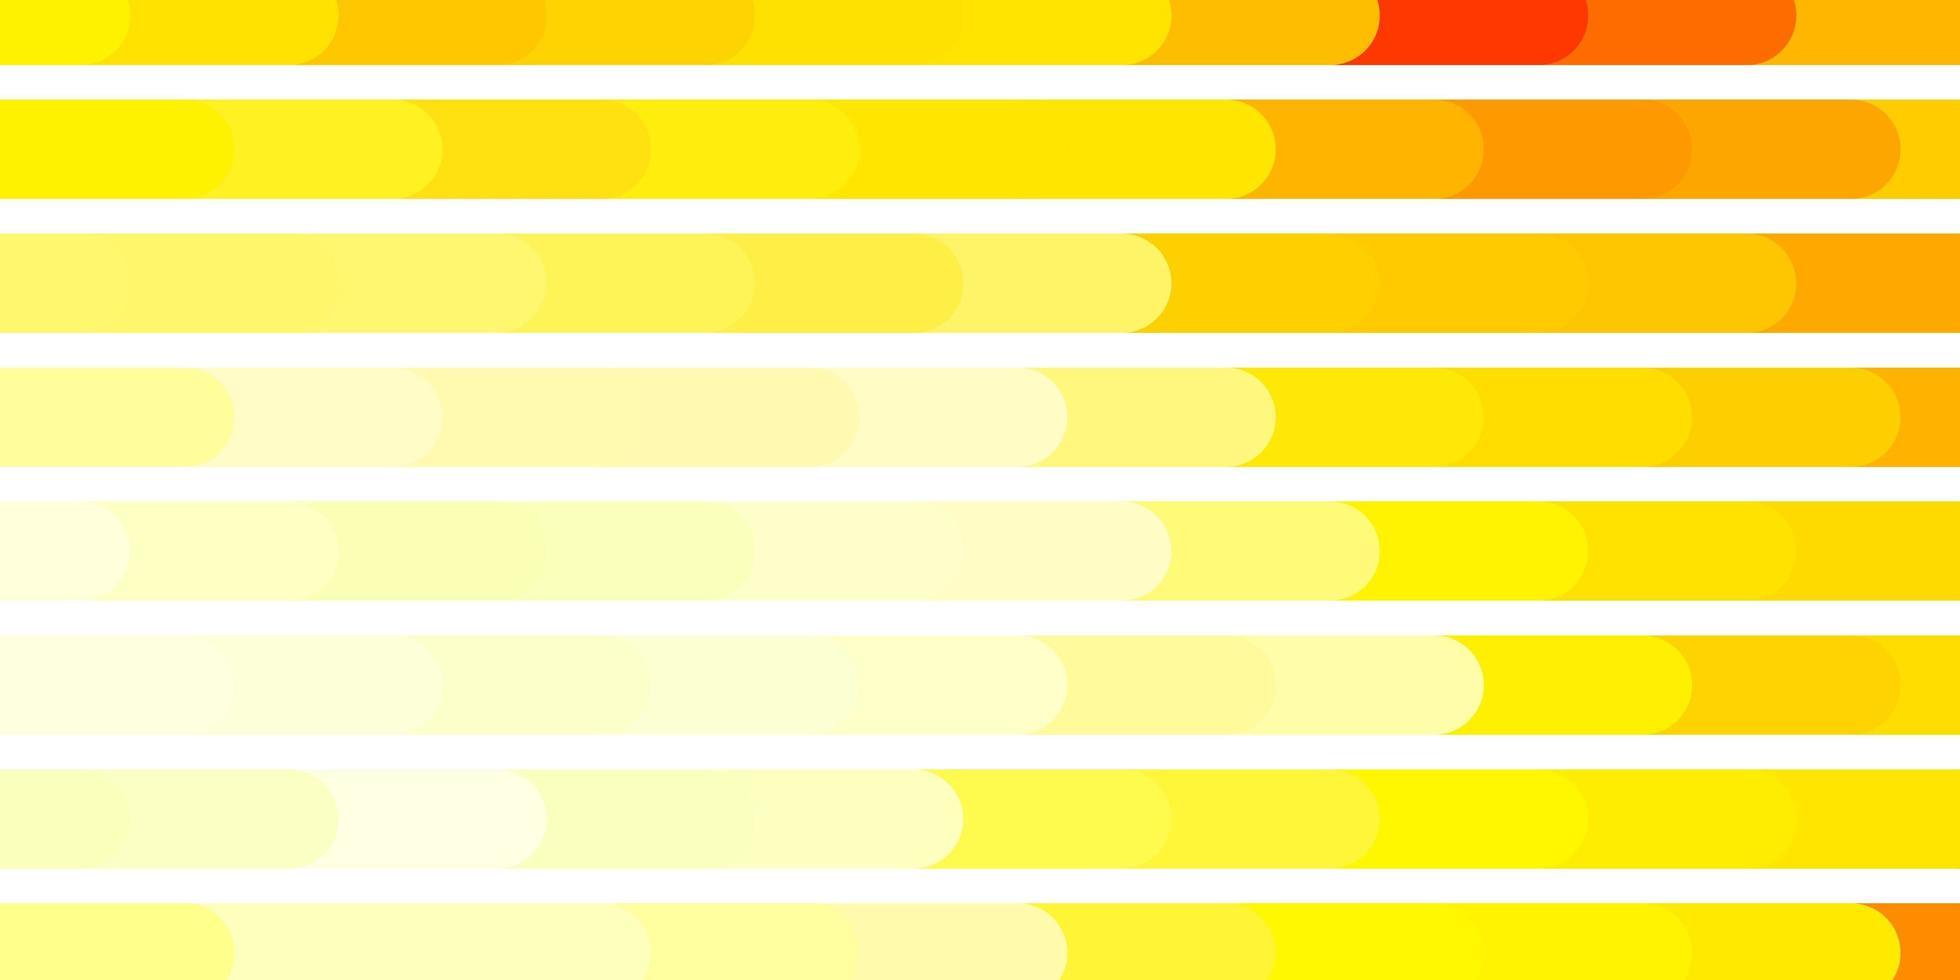 diseño de vector naranja claro con líneas.